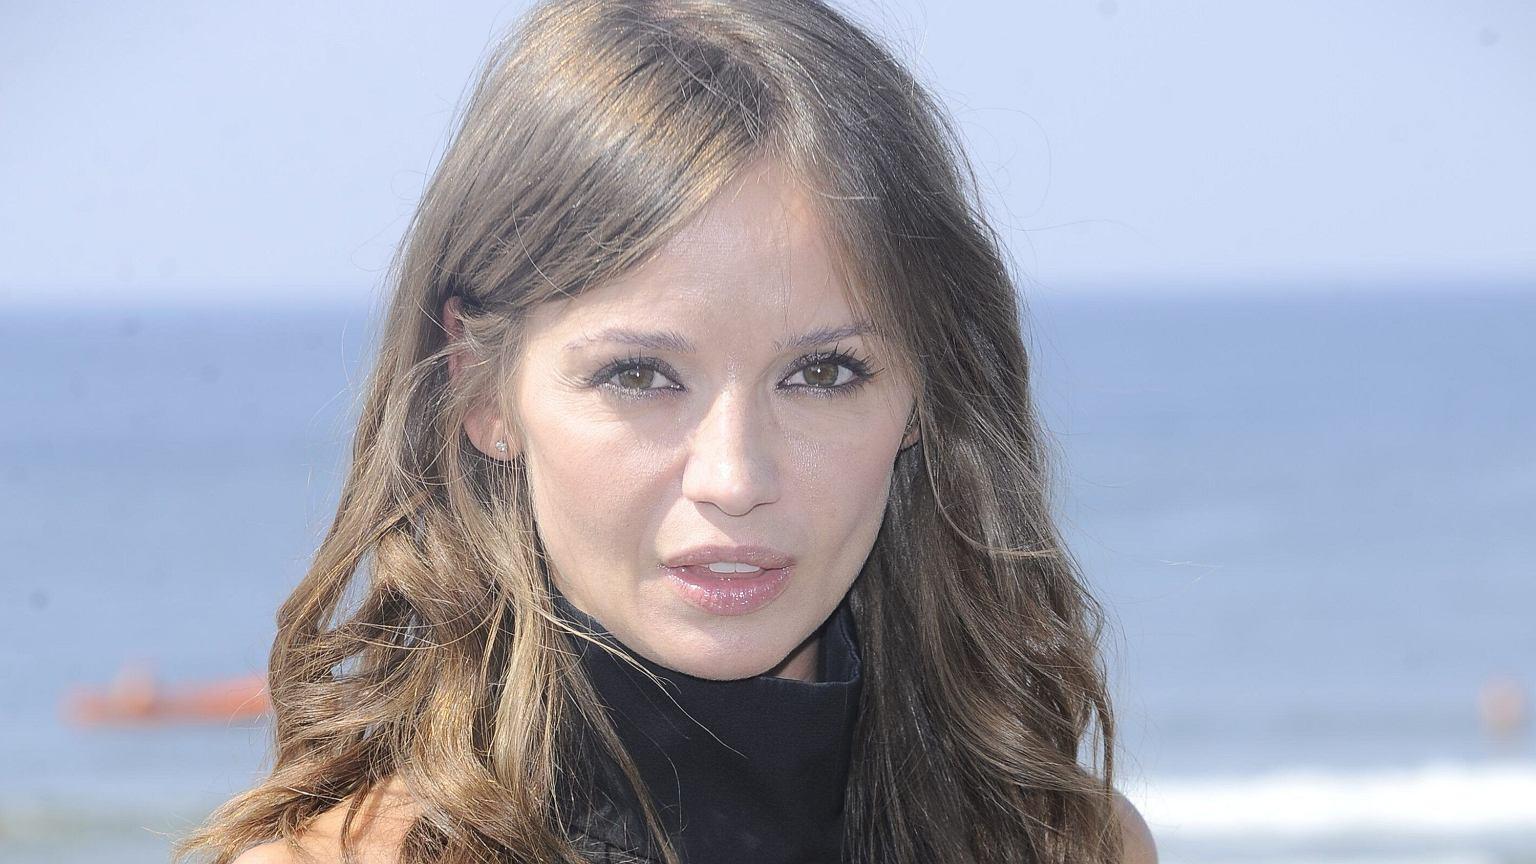 Przyjaciółka Anny Przybylskiej pokazała niepublikowane wcześniej prywatne zdjęcie z gwiazdą. Dziś aktorka skończyłaby 41 lat